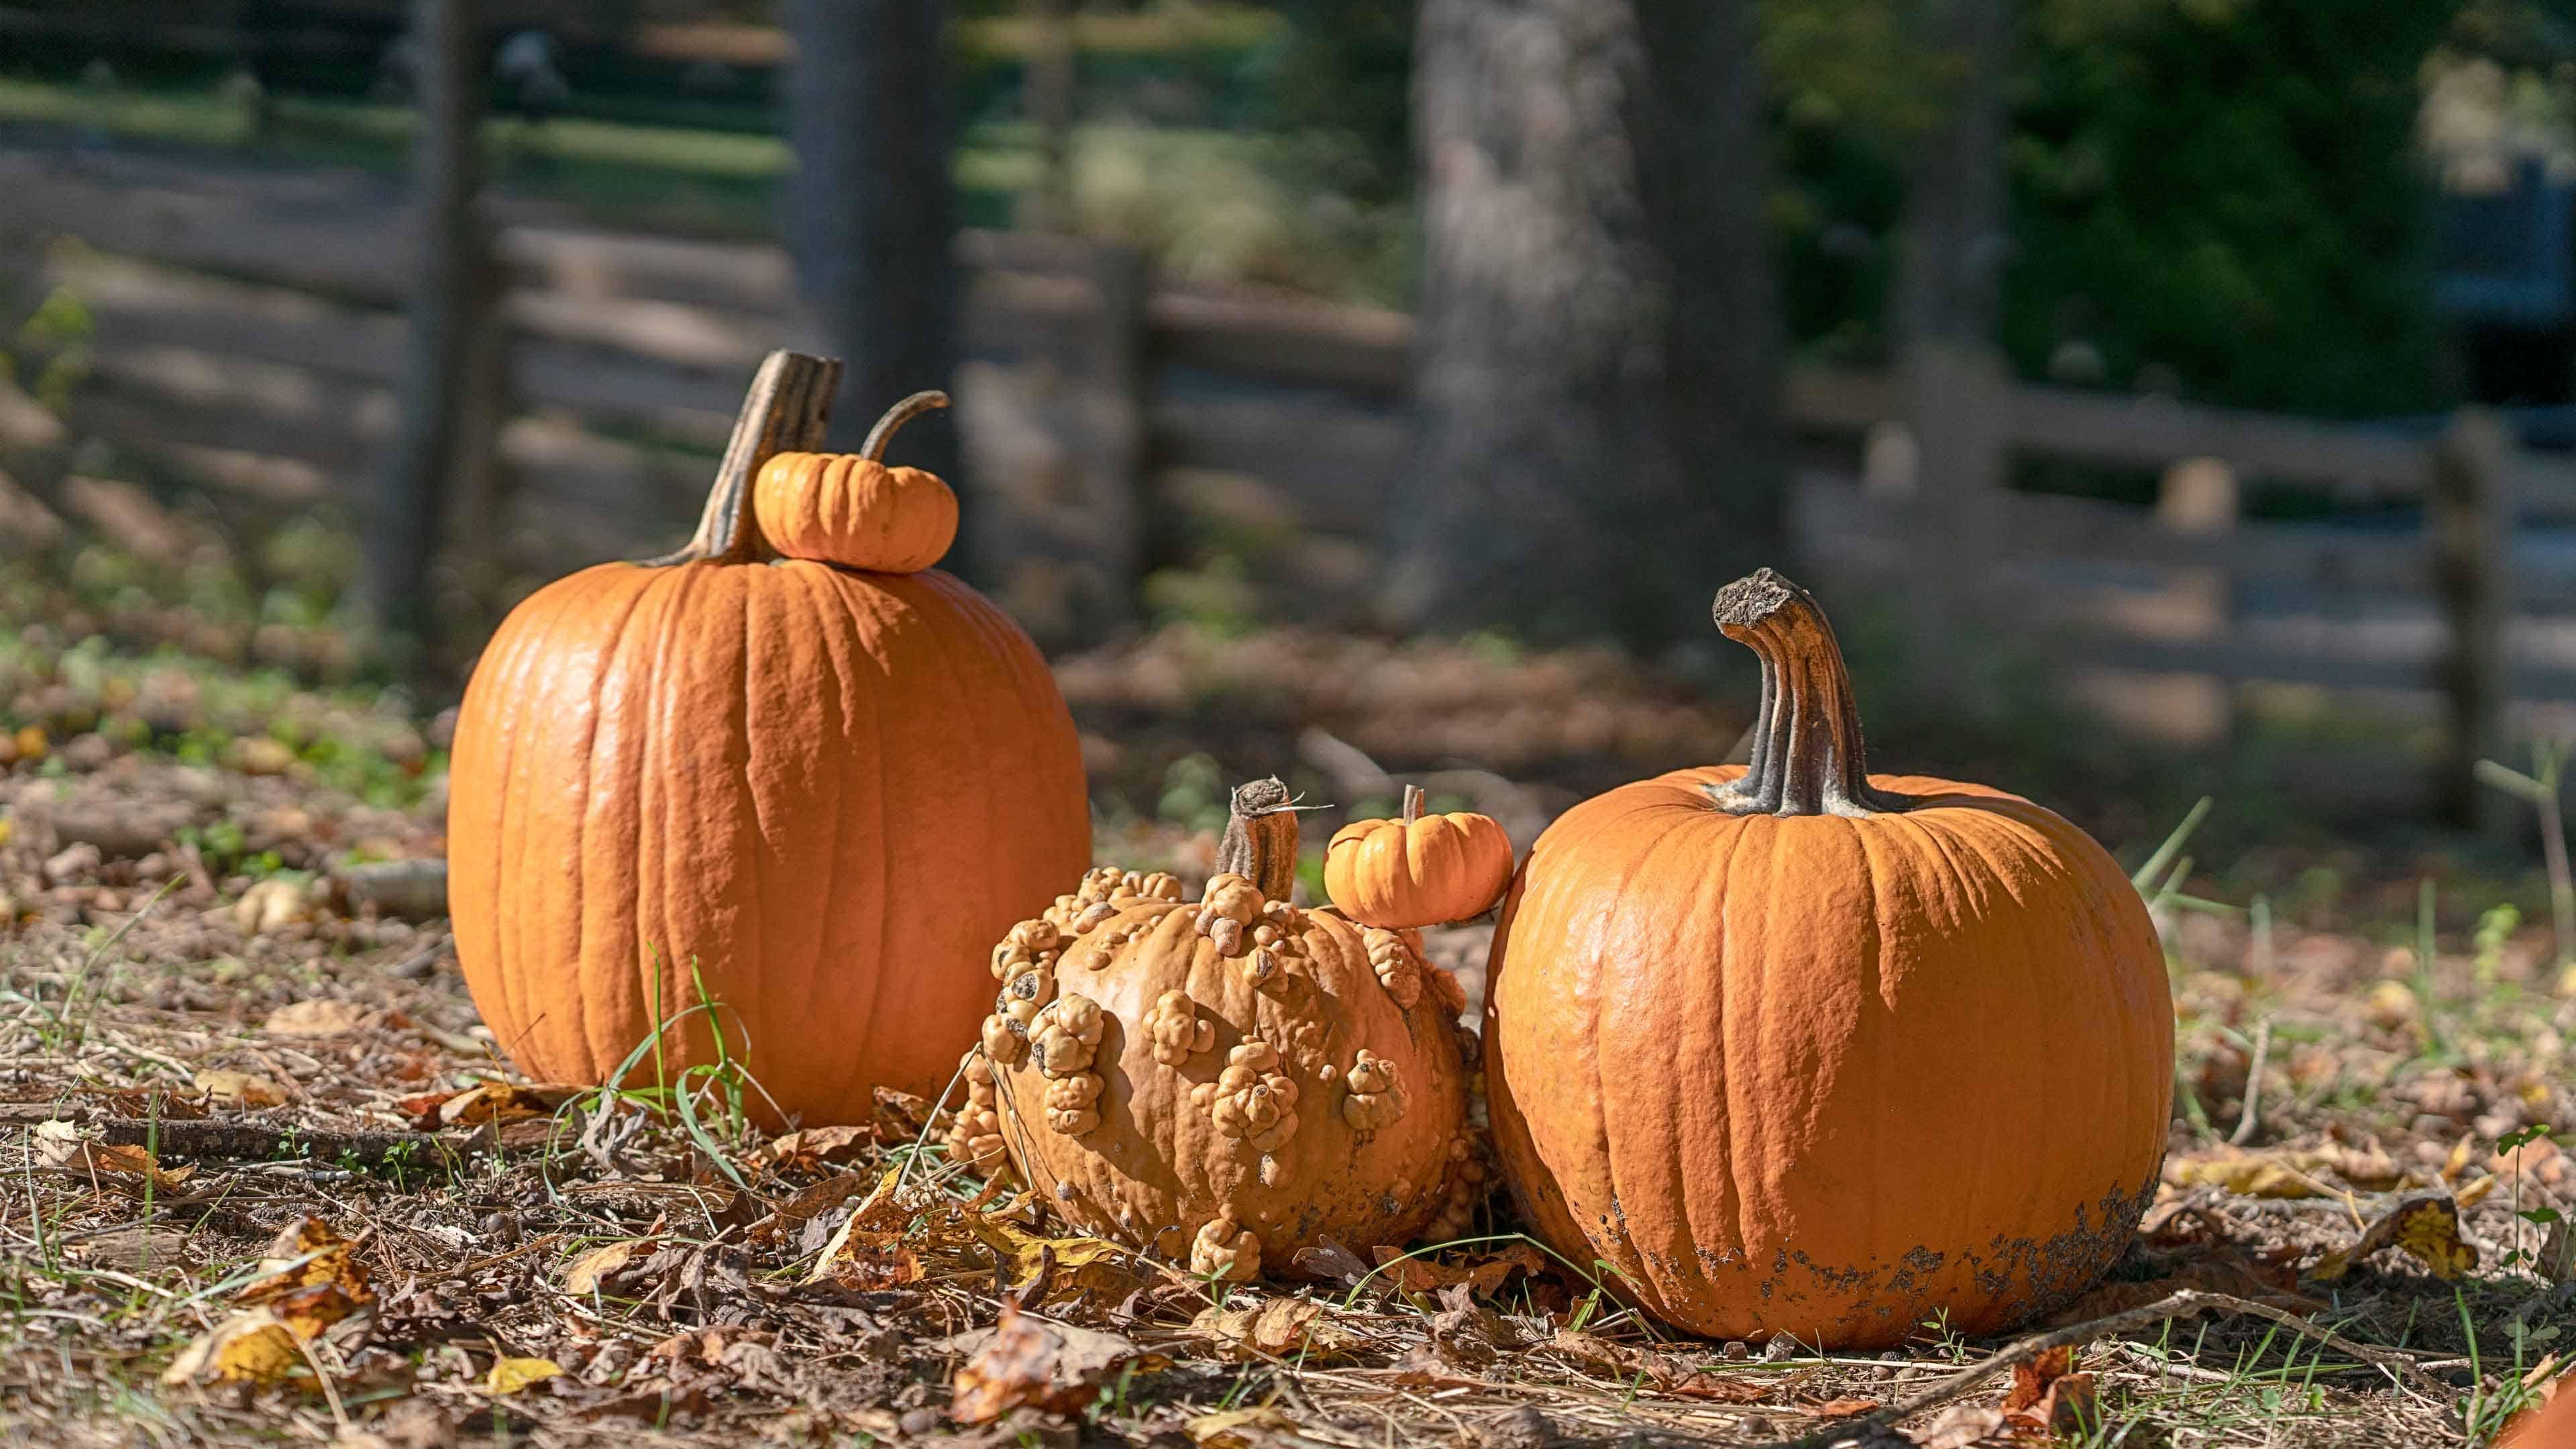 Pumpkins sitting in a yard